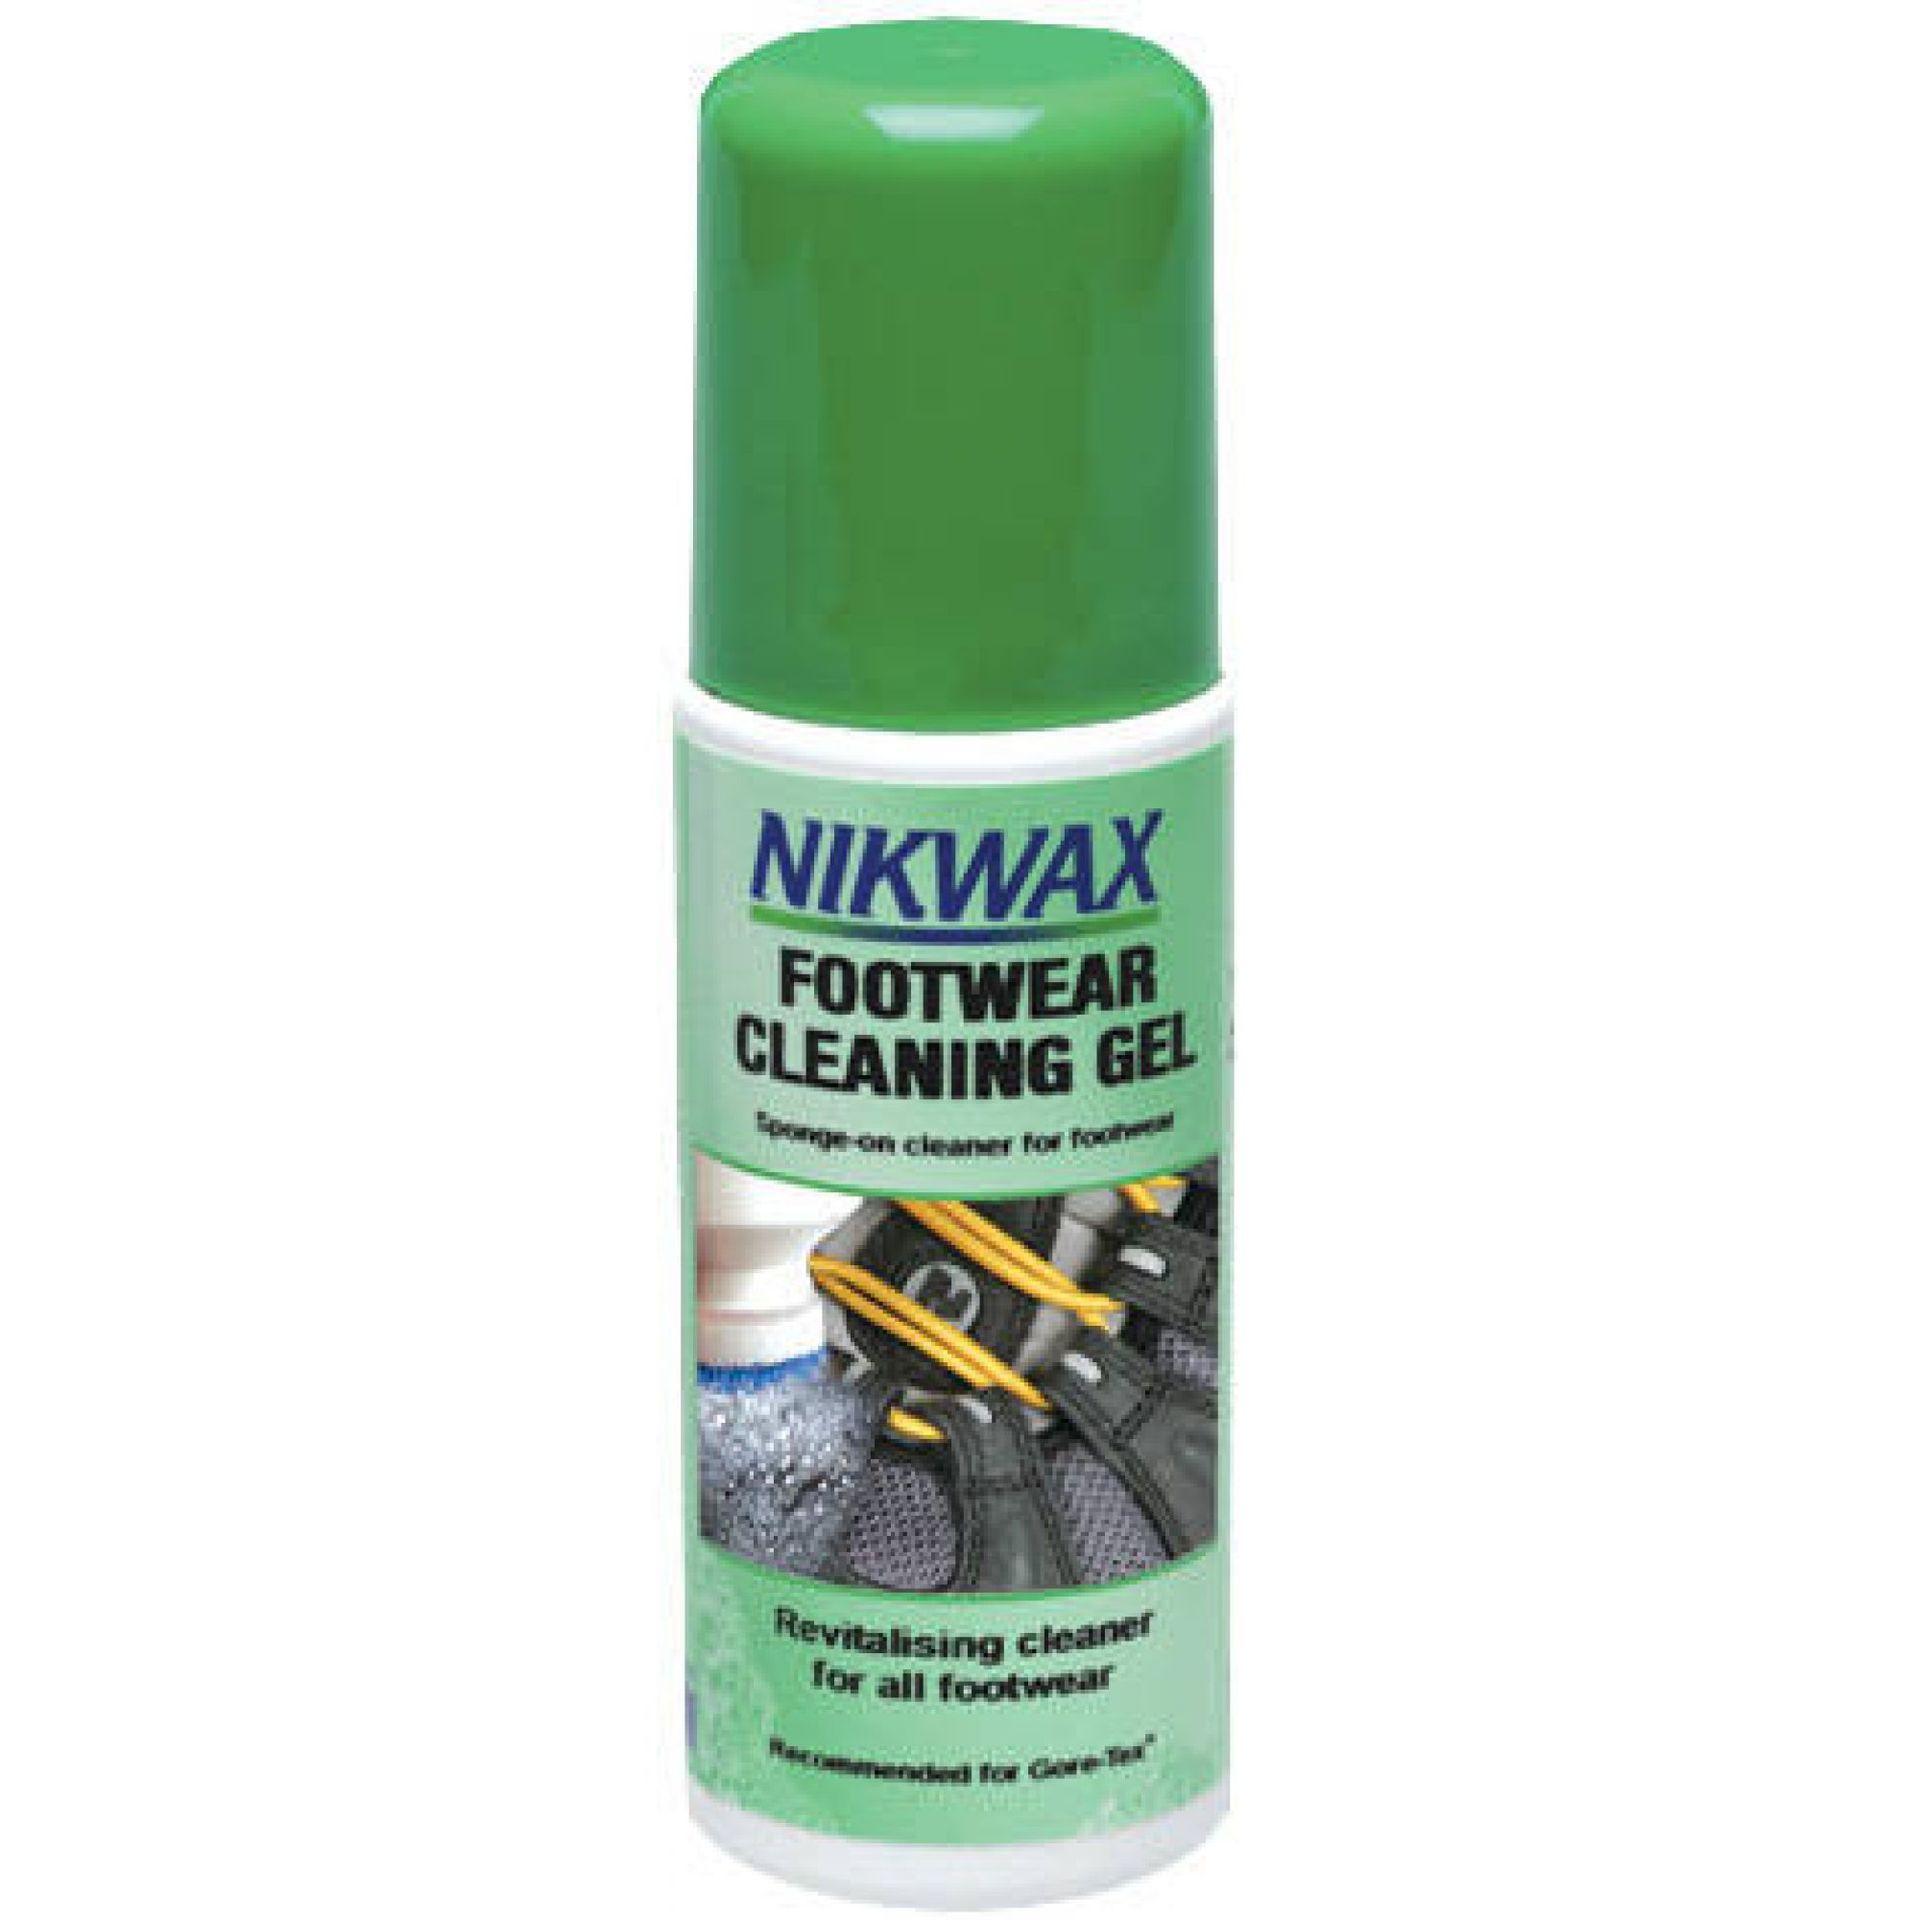 ŚRODEK CZYSZCZĄCY NIKWAX FOOTWEAR CLEANING GEL 1